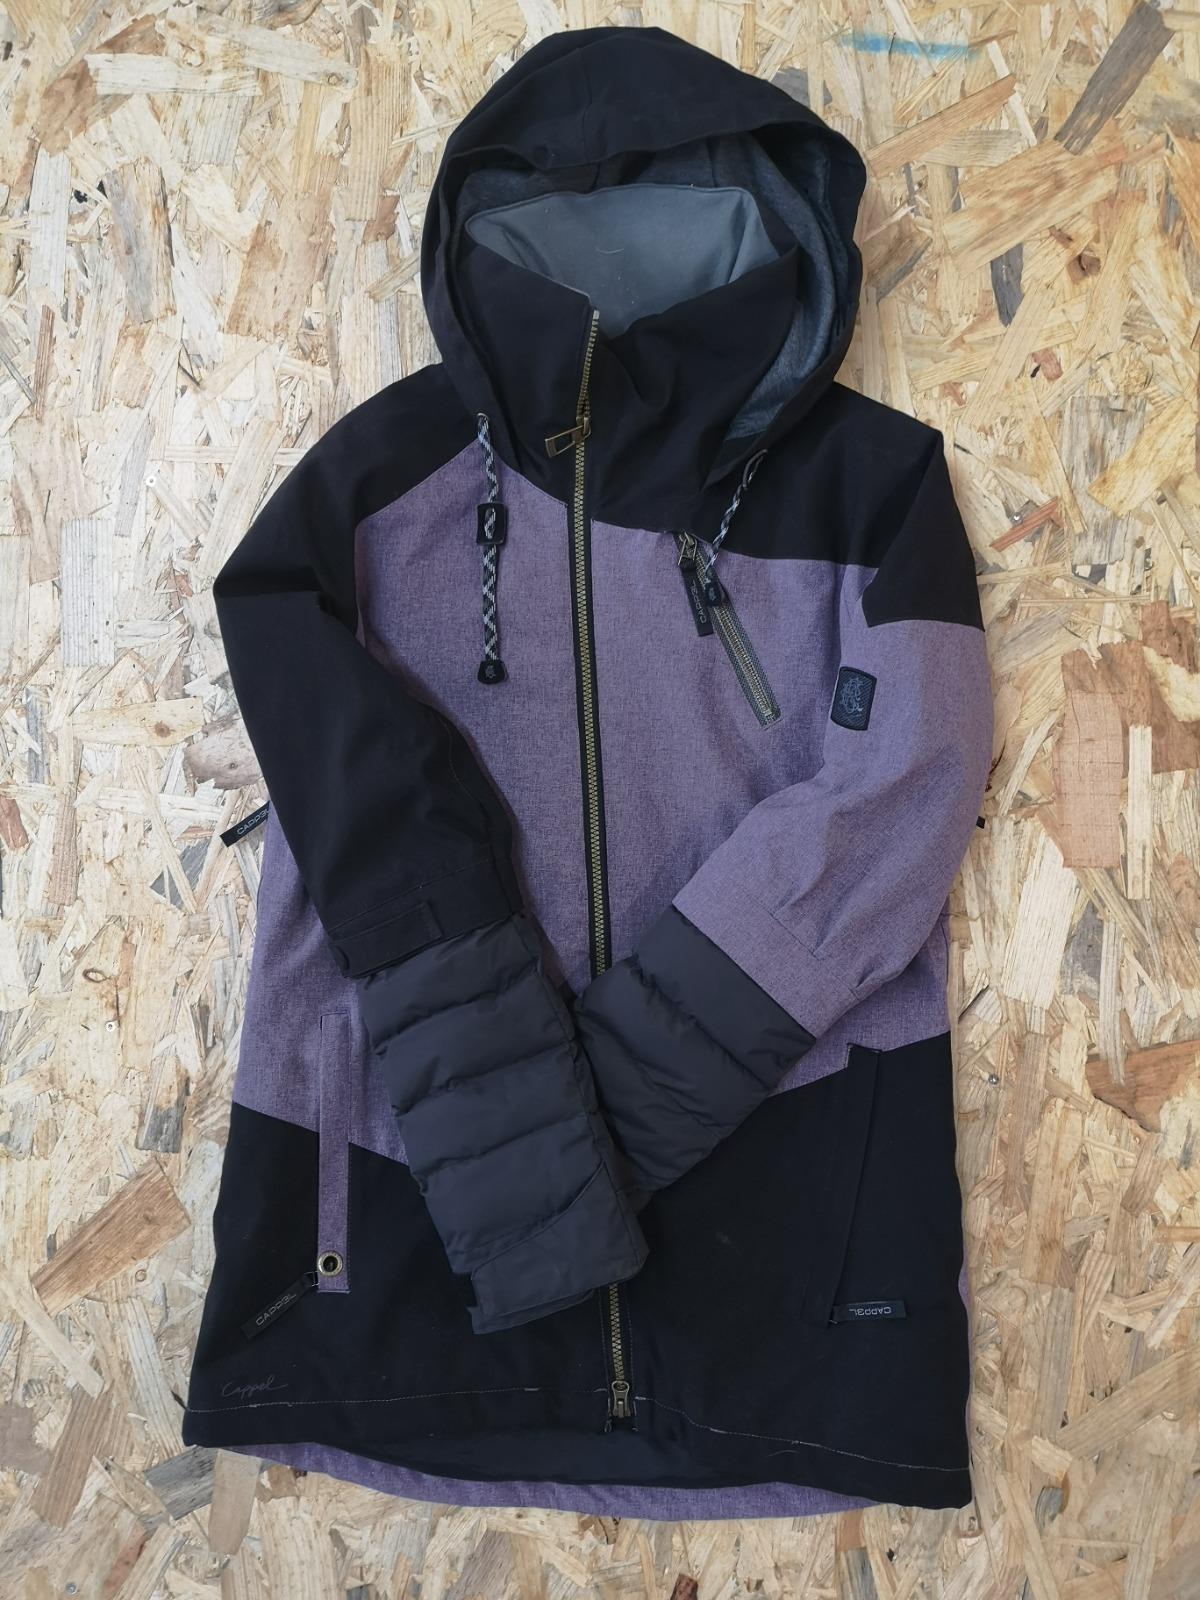 Cappel Snowboard Jacket